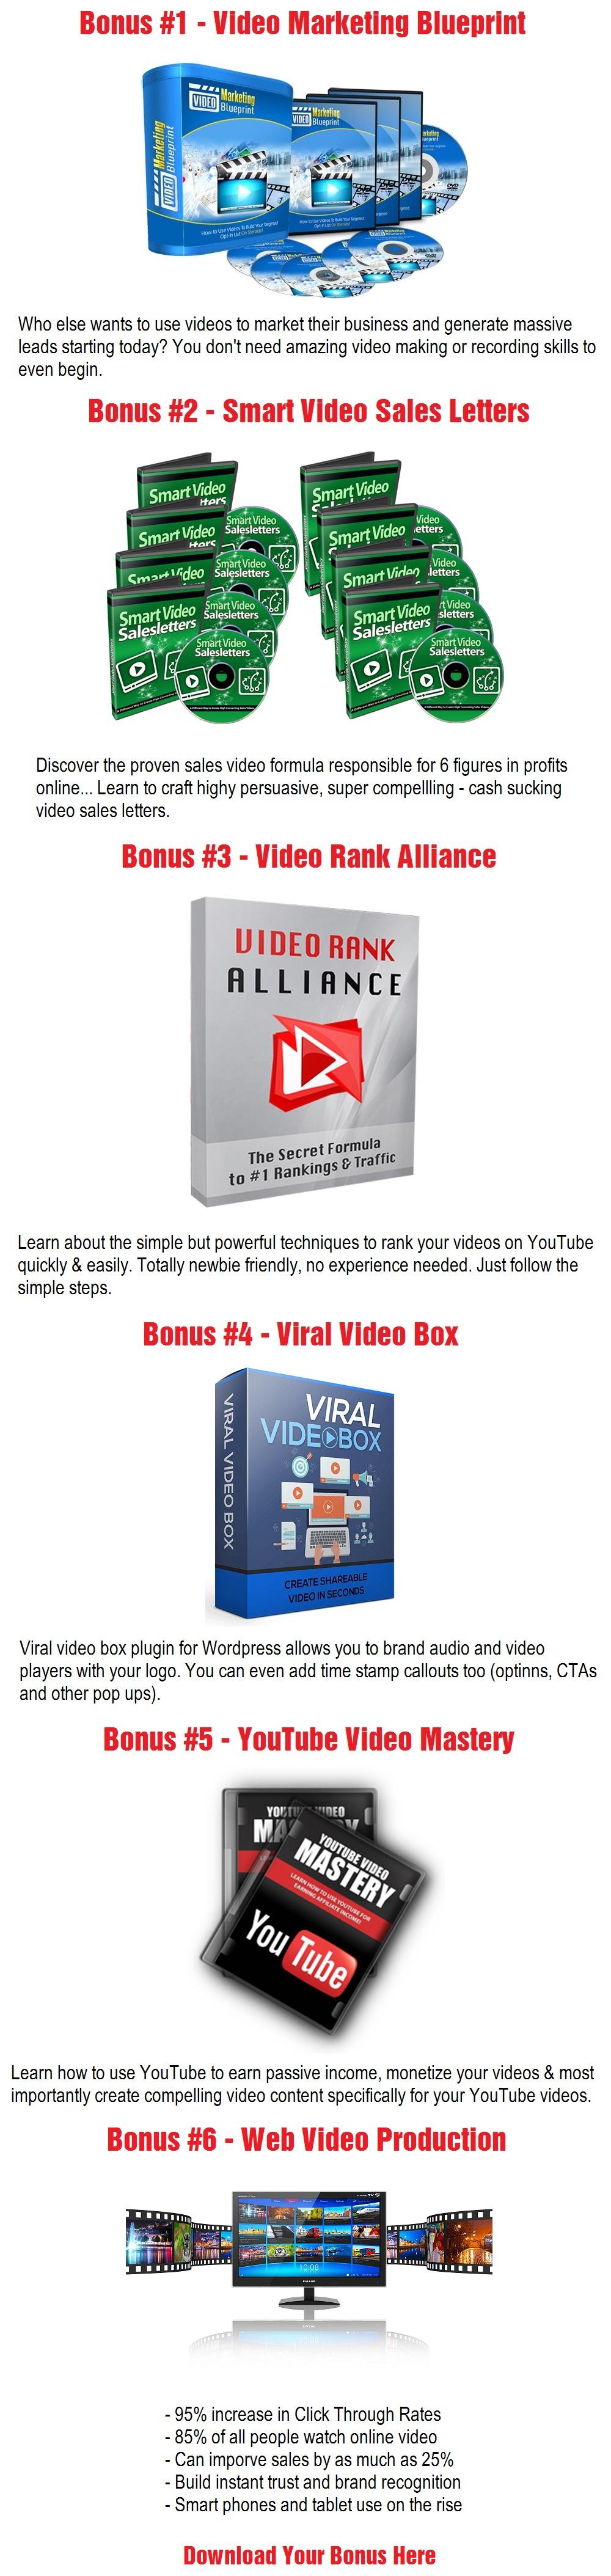 Viddyoze 2.0 Bonus